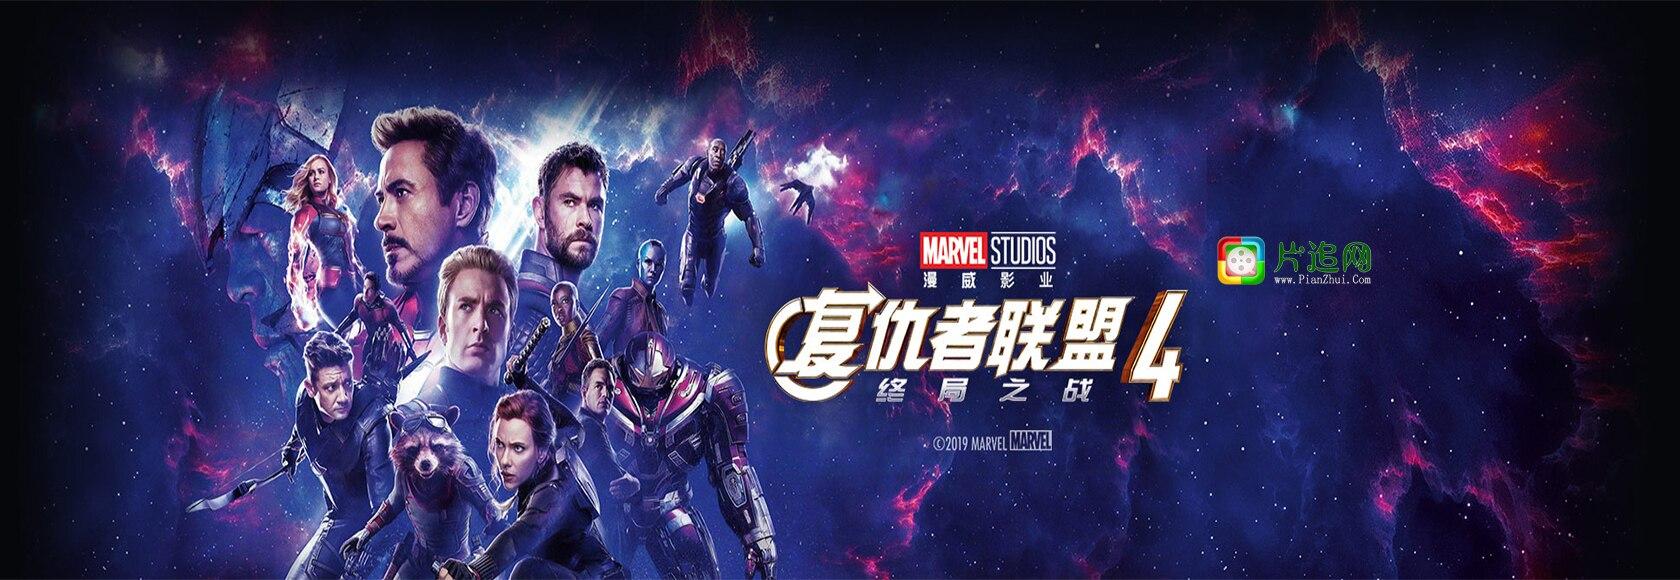 复仇者联盟4:终局之战pc端海报